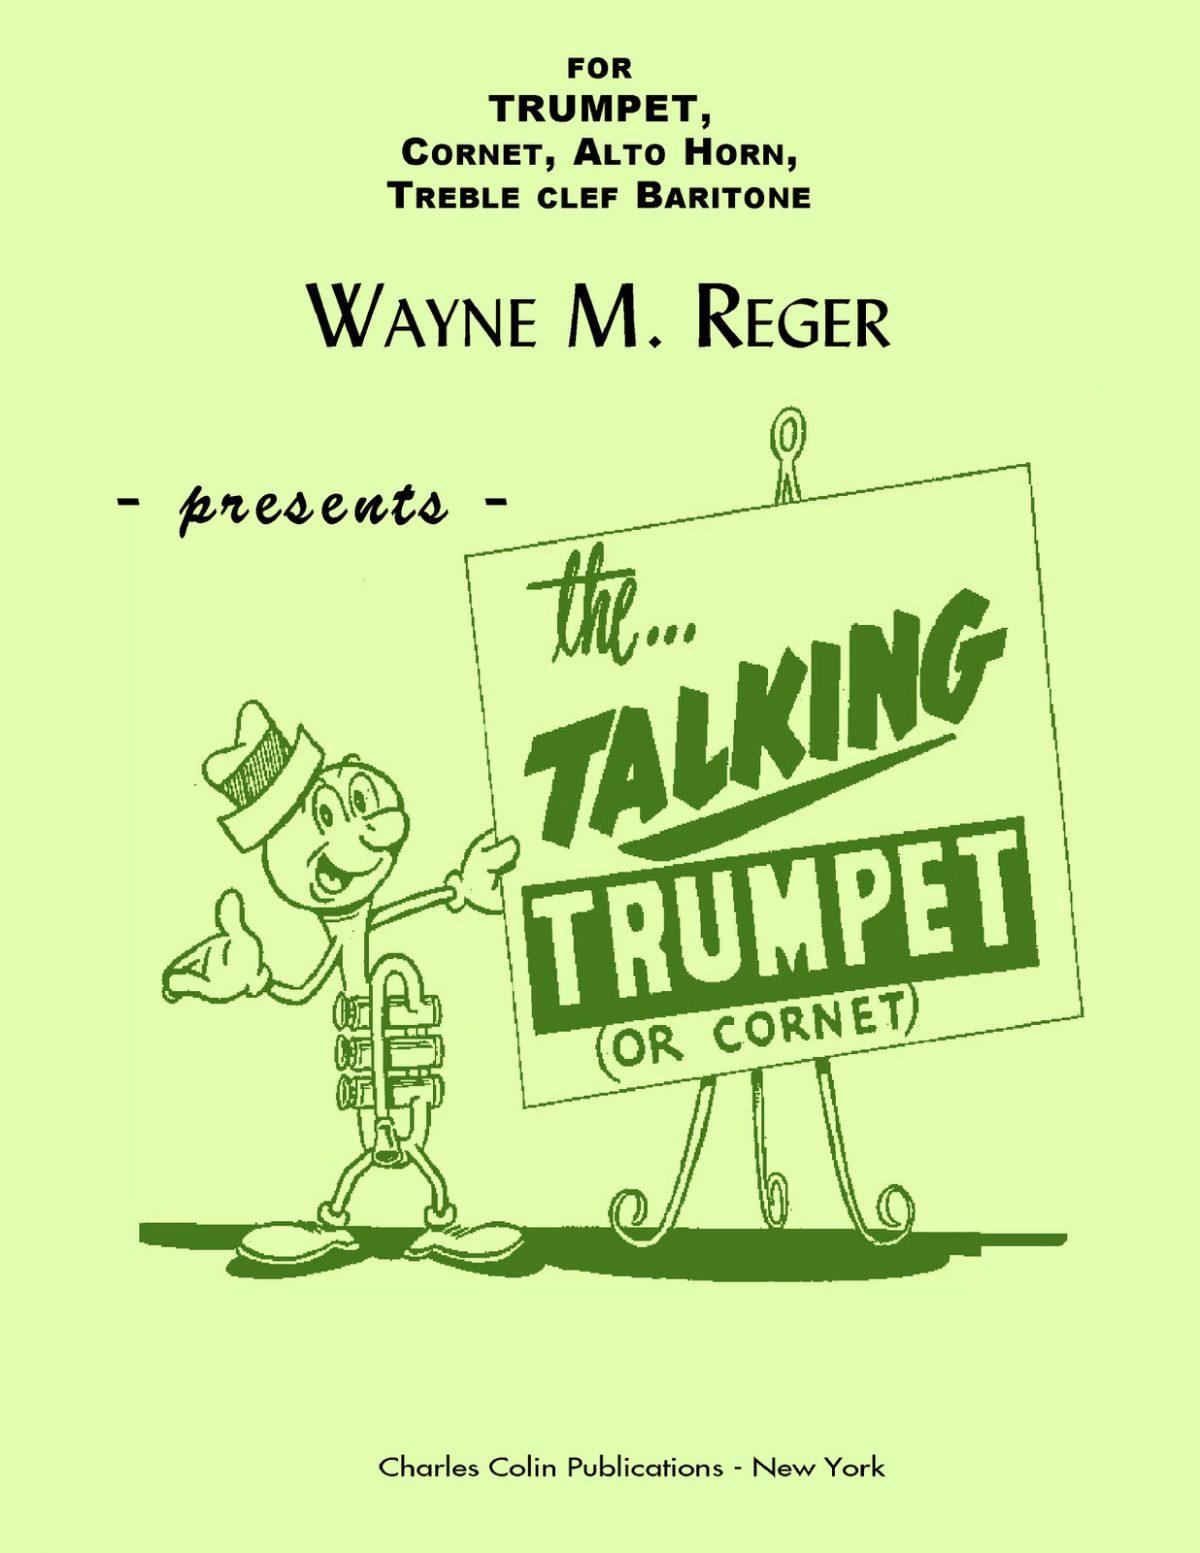 reger-talking-trumpet